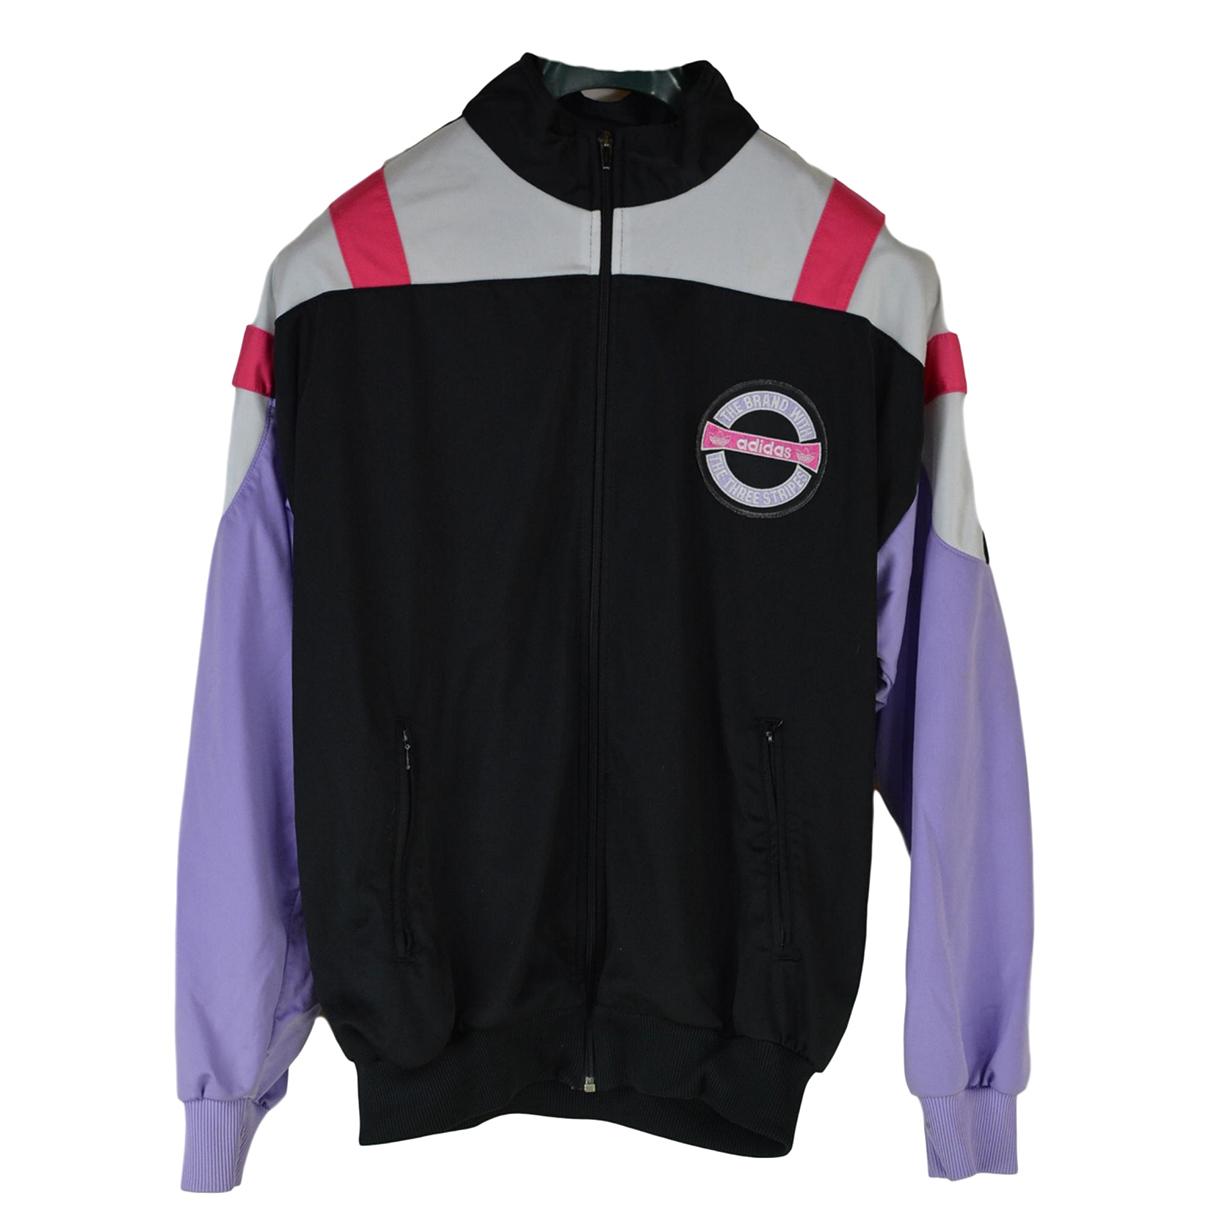 Adidas - Vestes.Blousons   pour homme - multicolore